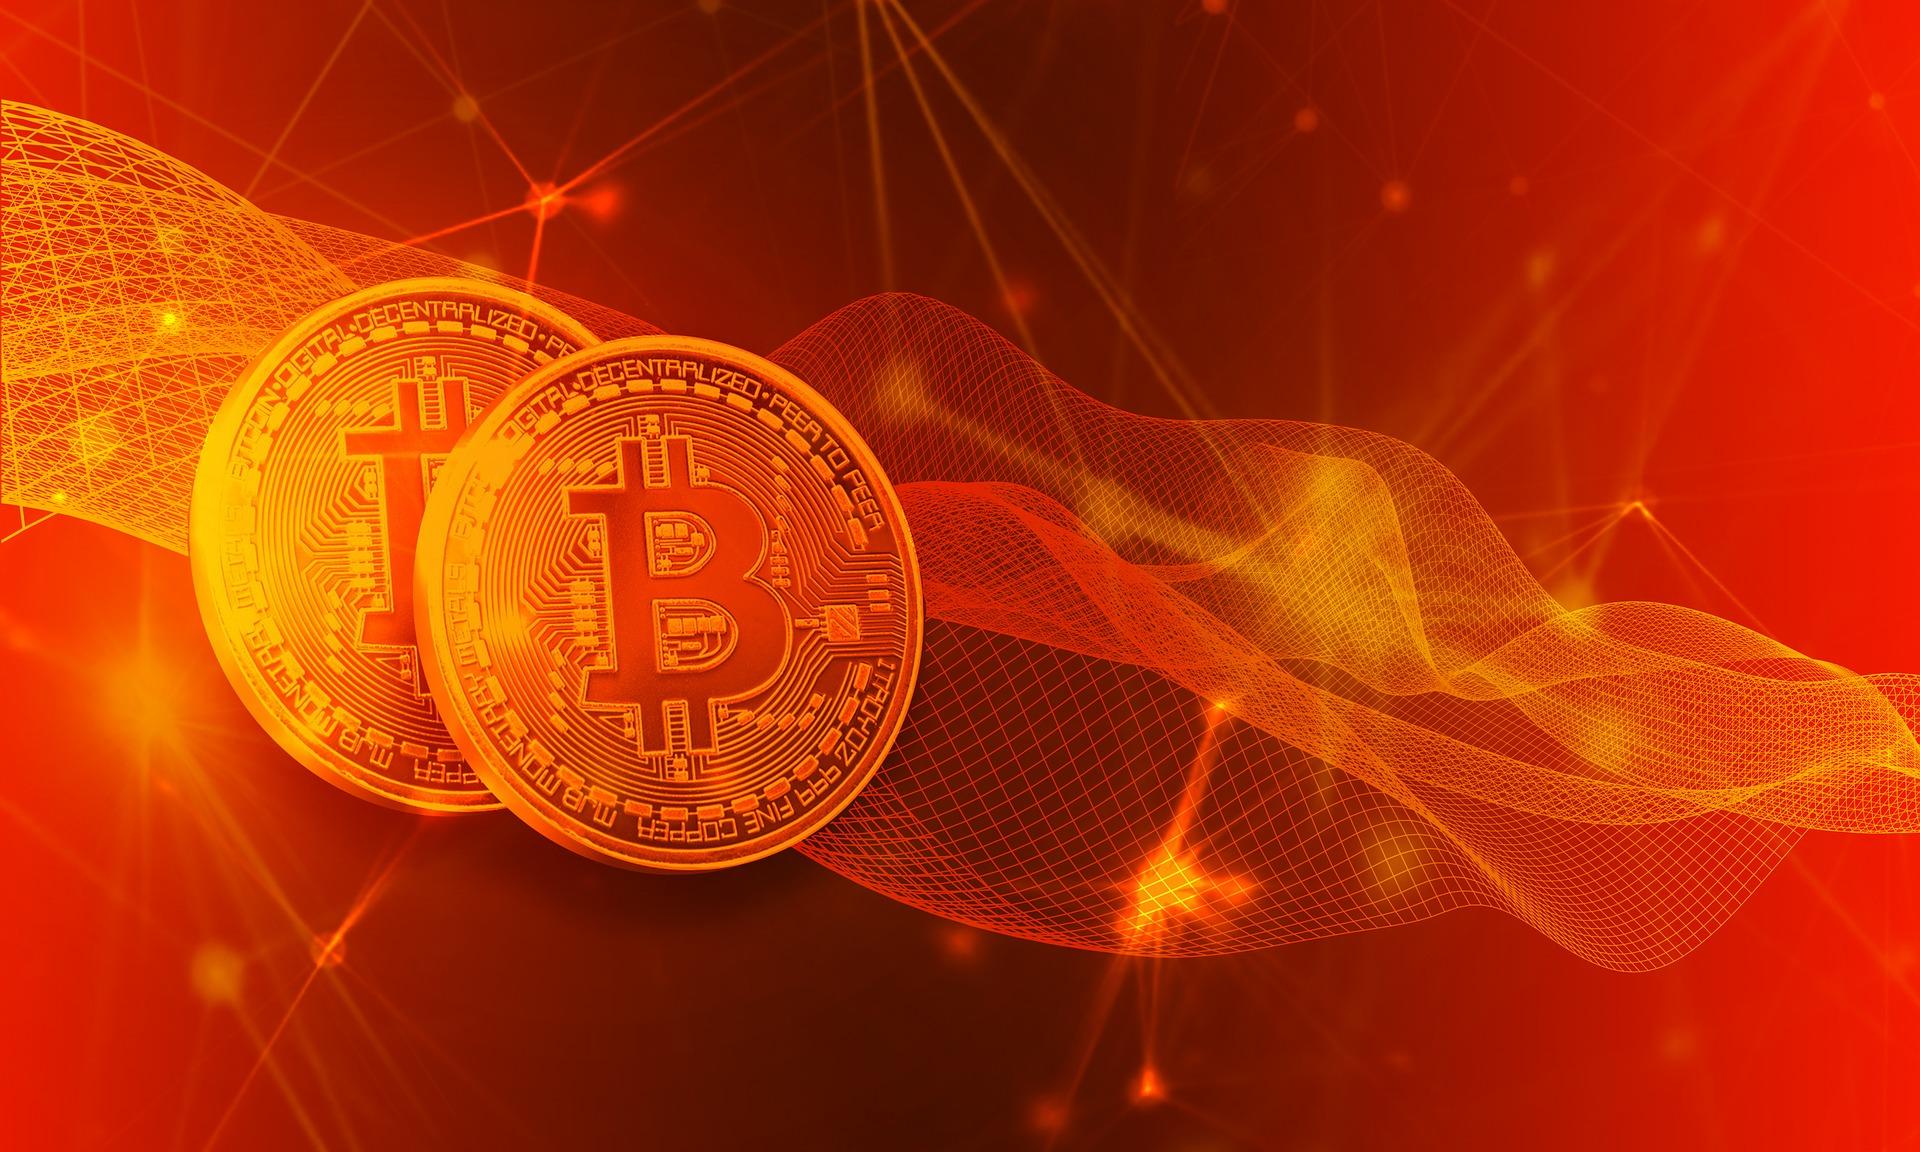 Markt bei Bitcoin Gemini eine Blase mit viel Liquidität